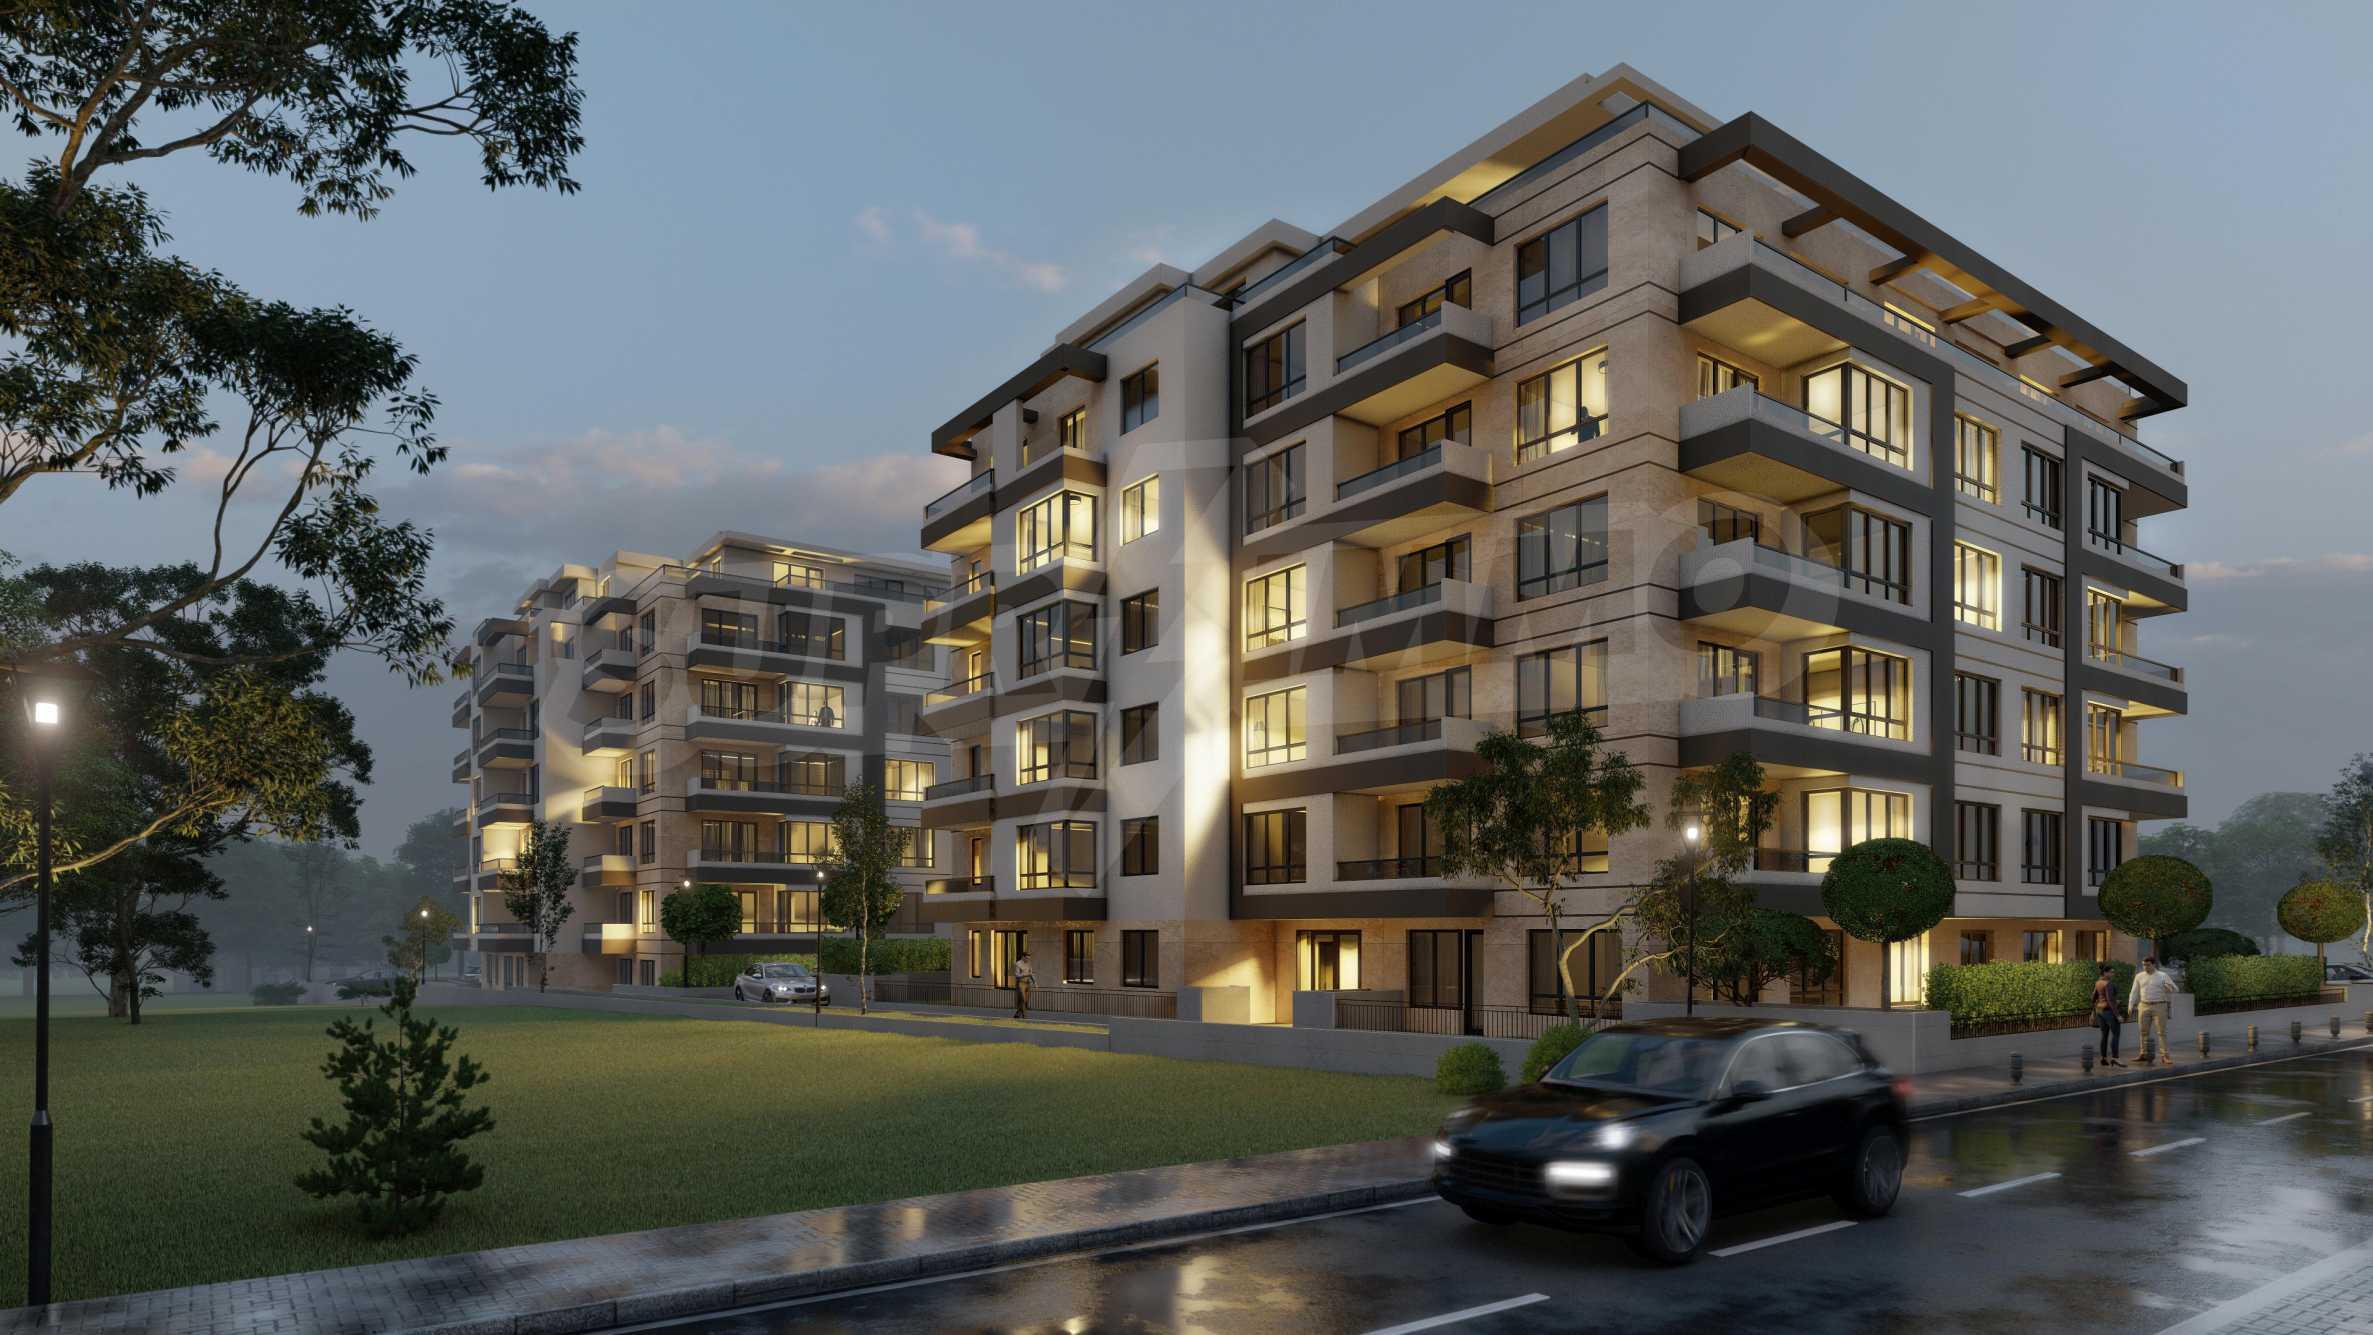 Привлекательная недвижимость в новом комплексе рядом с торговым центром Paradise и станцией метро 12